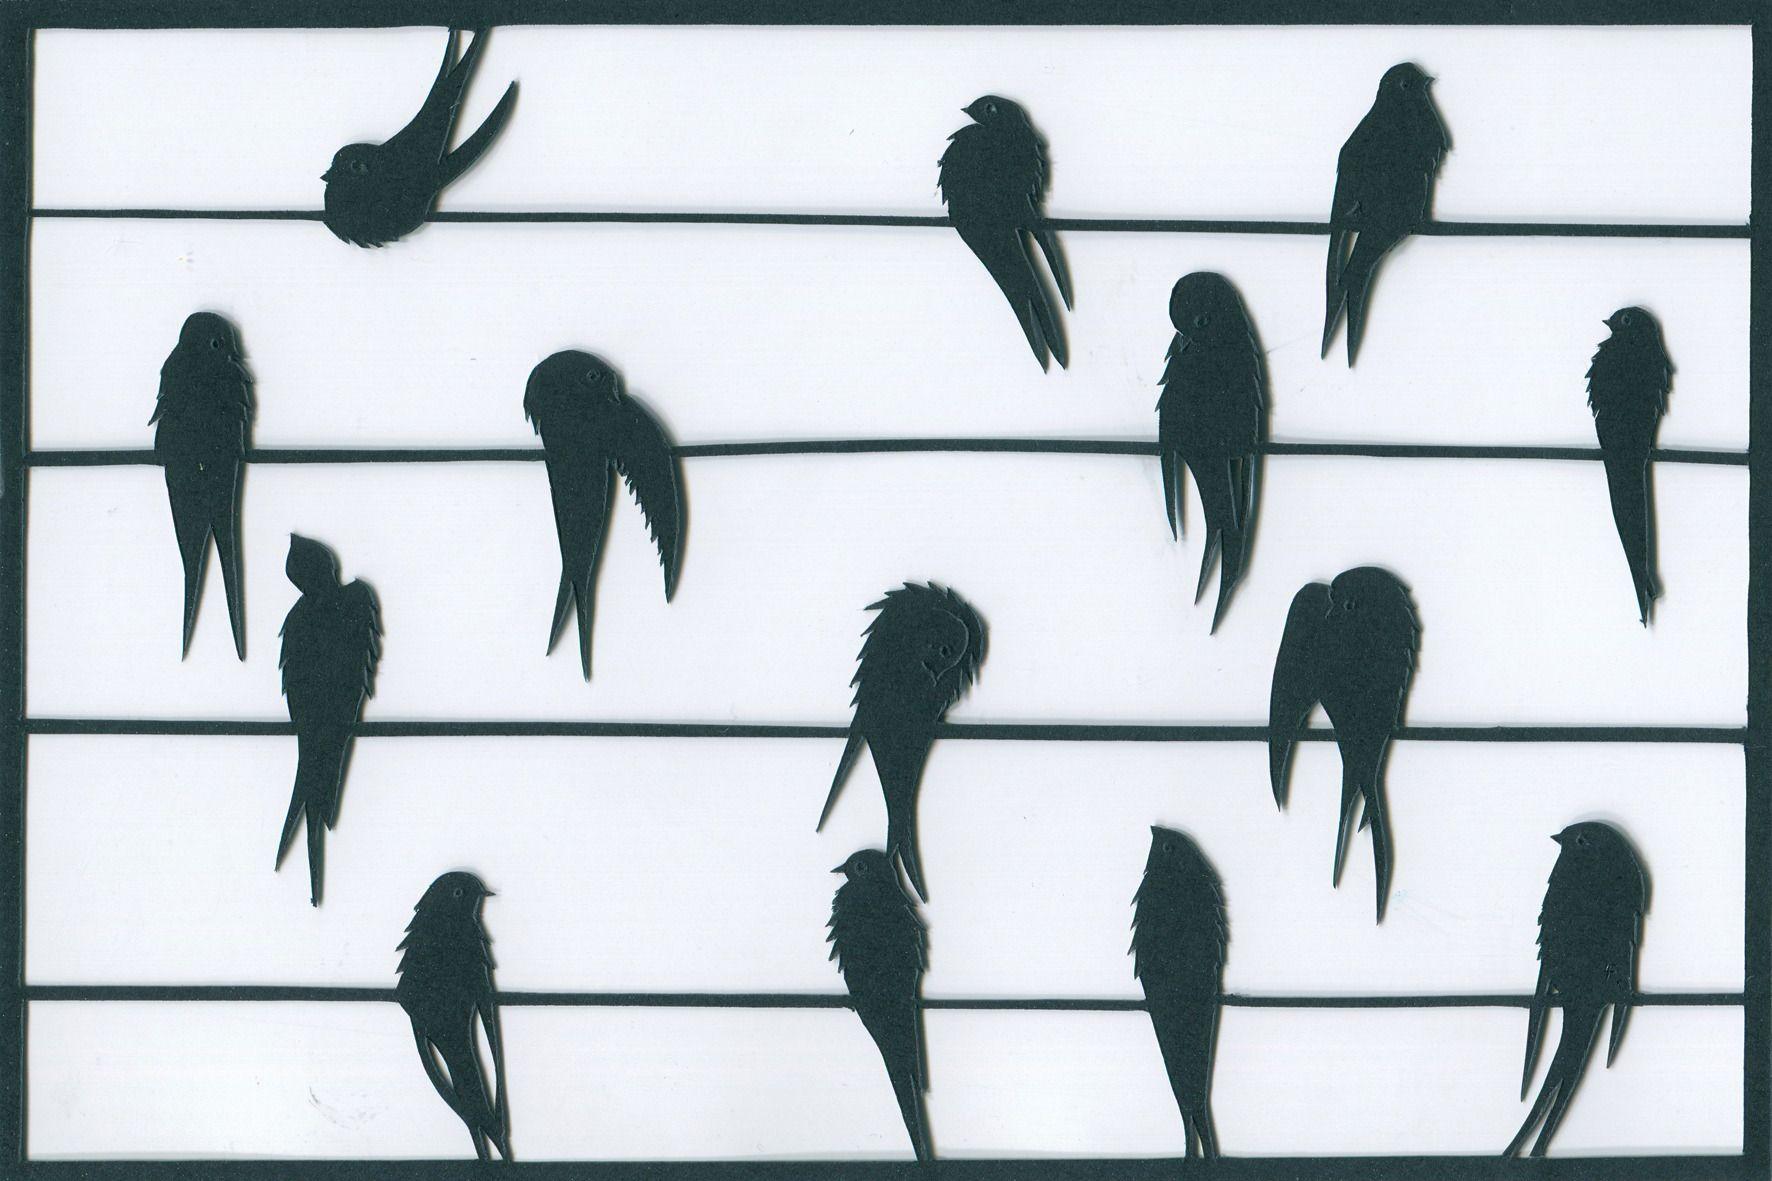 """Sticker Oiseaux Sur Un Fil résultat de recherche d'images pour """"oiseaux sur fil électrique"""""""